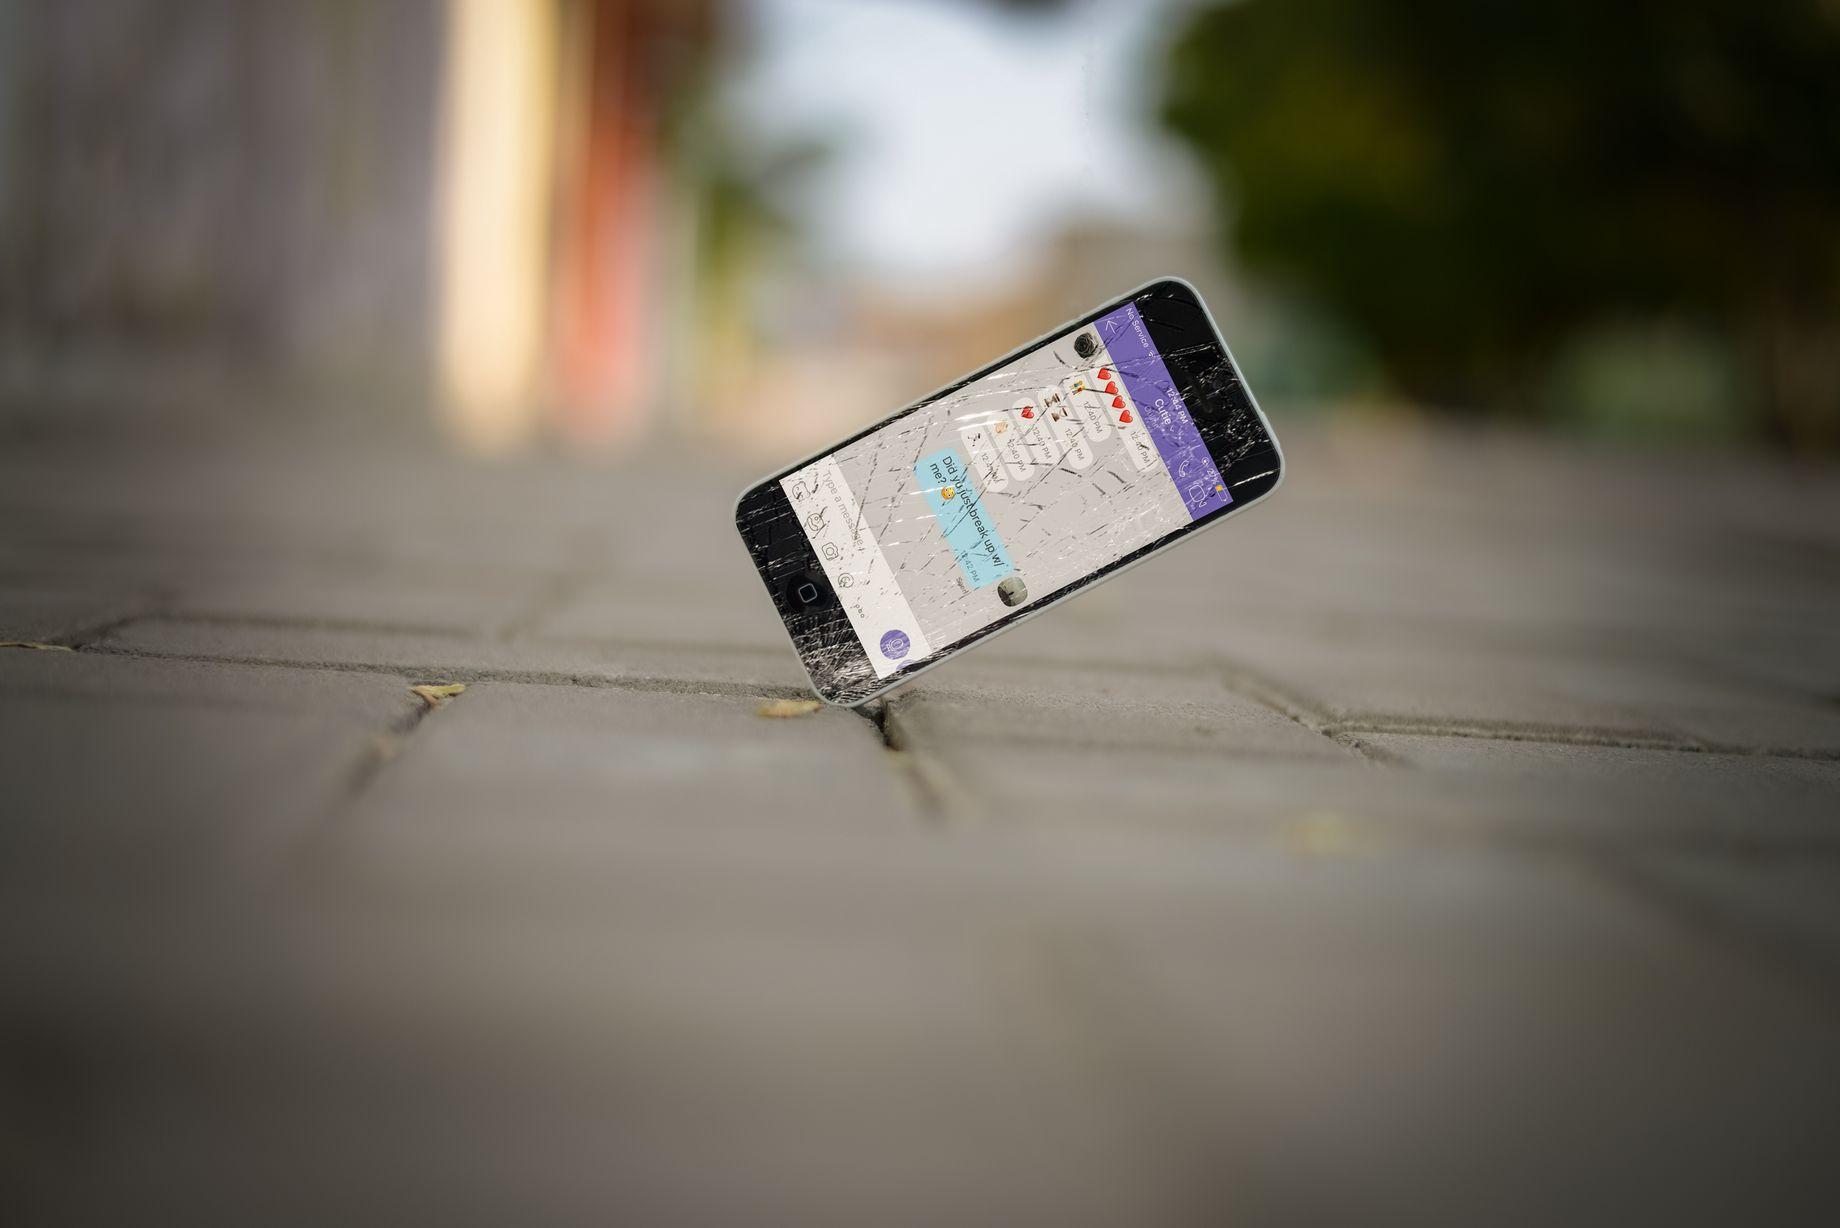 iphone op grond gevallen